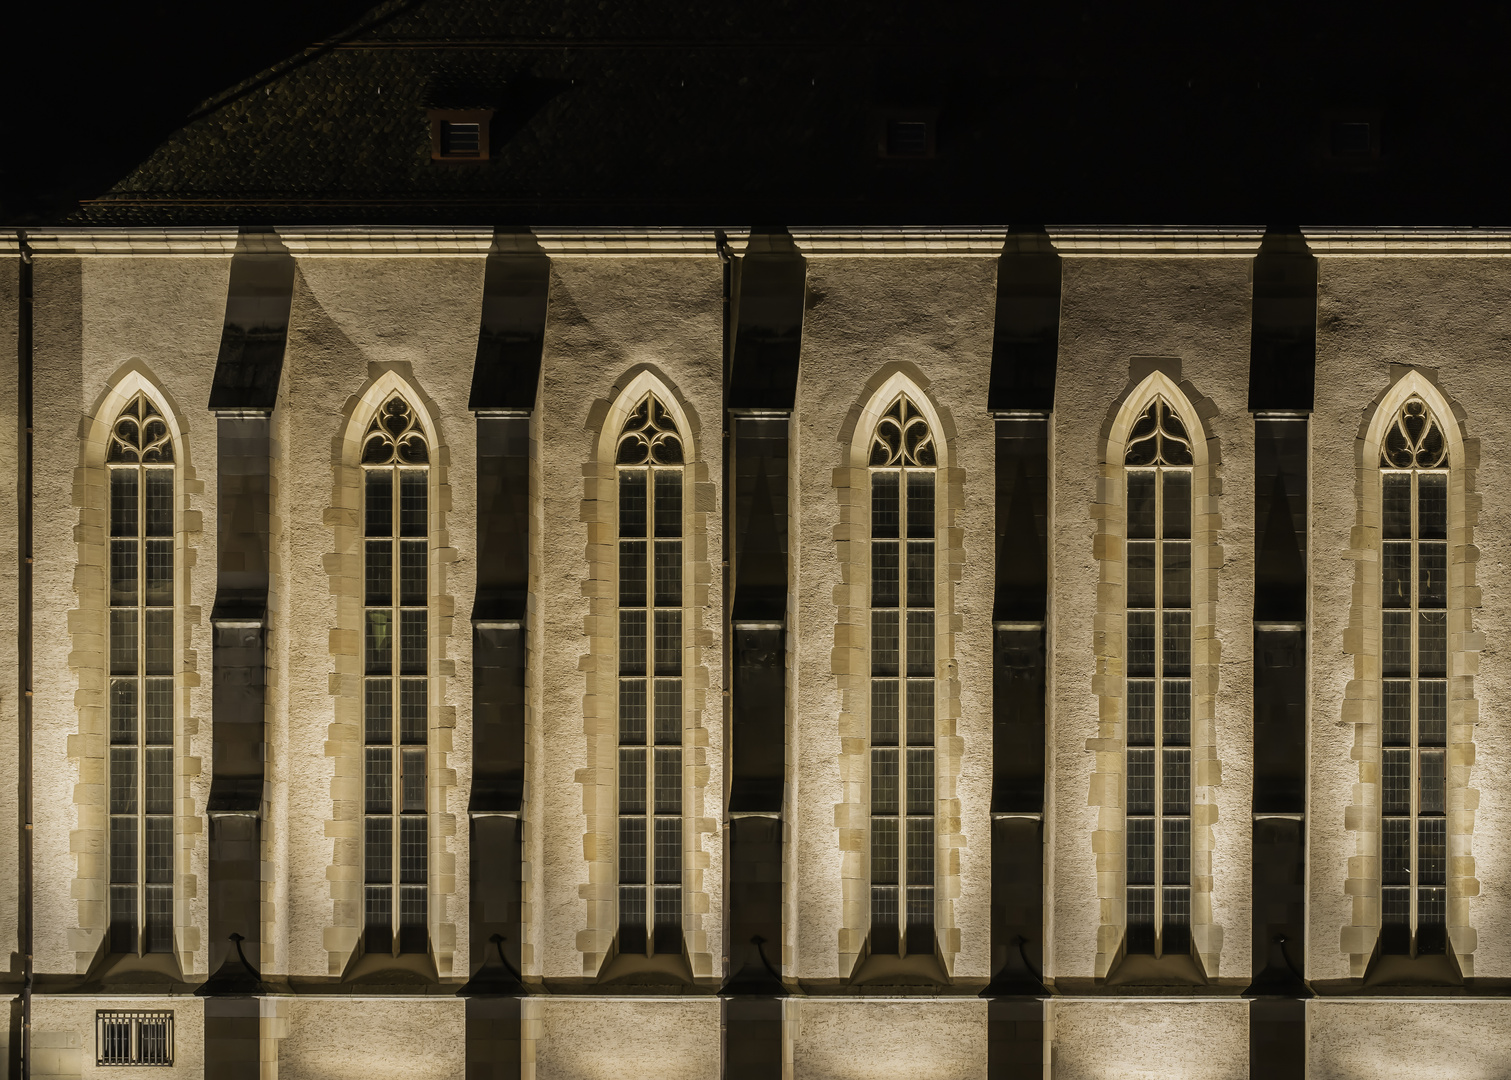 Seitenfassade der Wasserkirche, Zürich